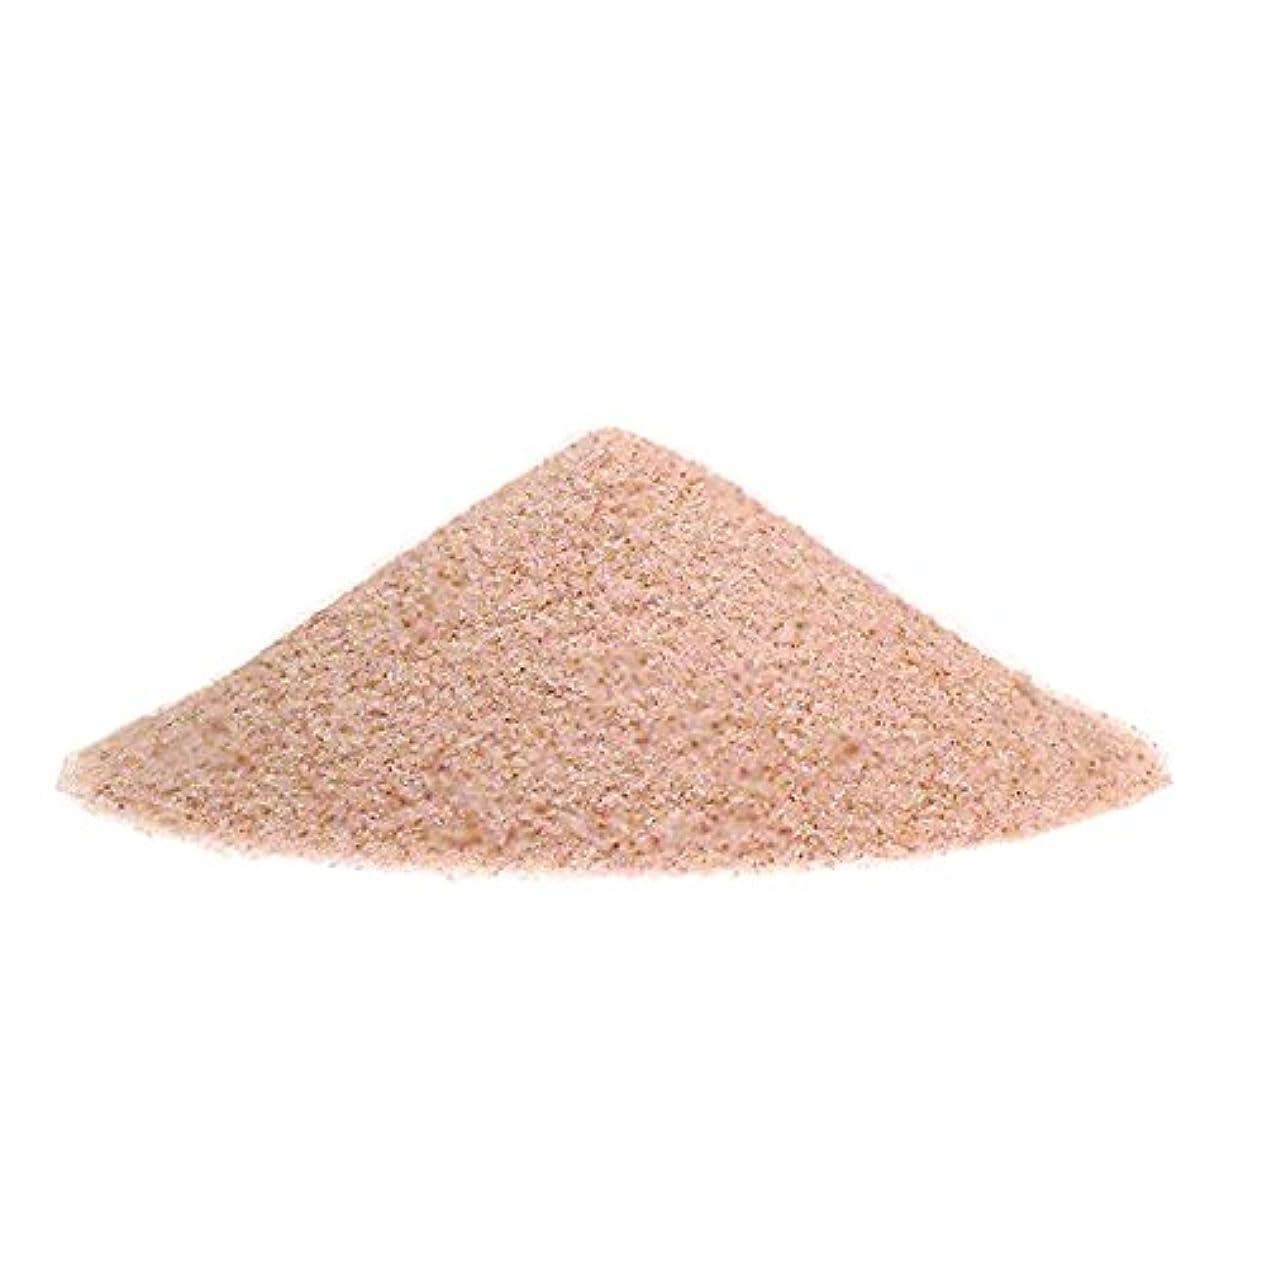 助言するチキン眼増量中!ヒマラヤ岩塩 ピンクソルト 入浴用 バスソルト(微粒パウダー) ピンク岩塩 (1kg+増量250g)